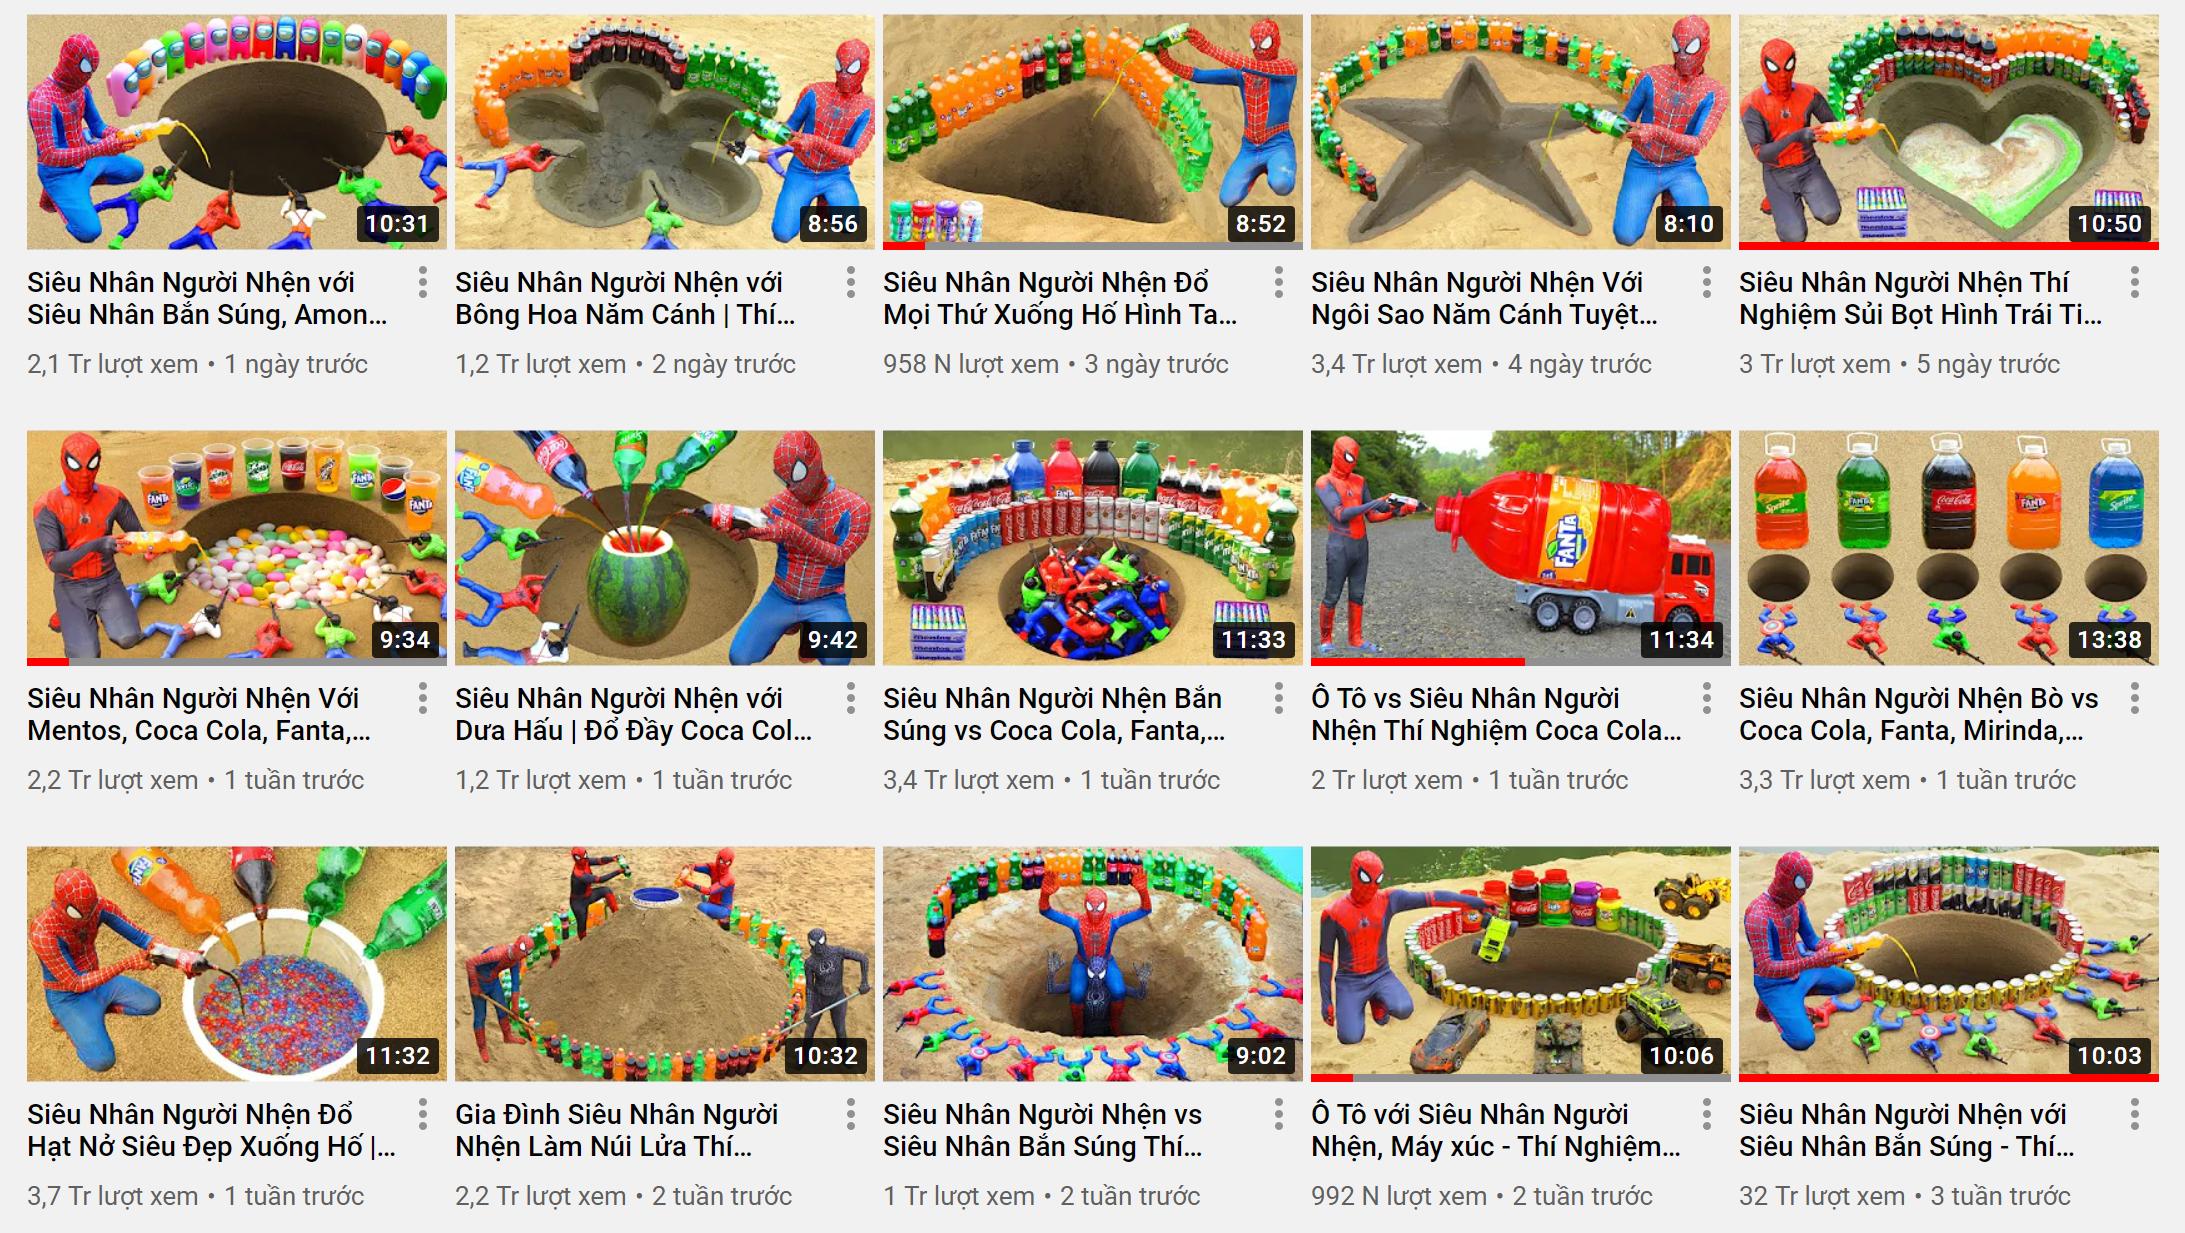 Phát hiện thêm kênh YouTube cho trẻ em có nội dung nhảm nhí: Chuyên thử thách nguy hiểm, còn dùng hình ảnh nhạy cảm câu view - Ảnh 3.